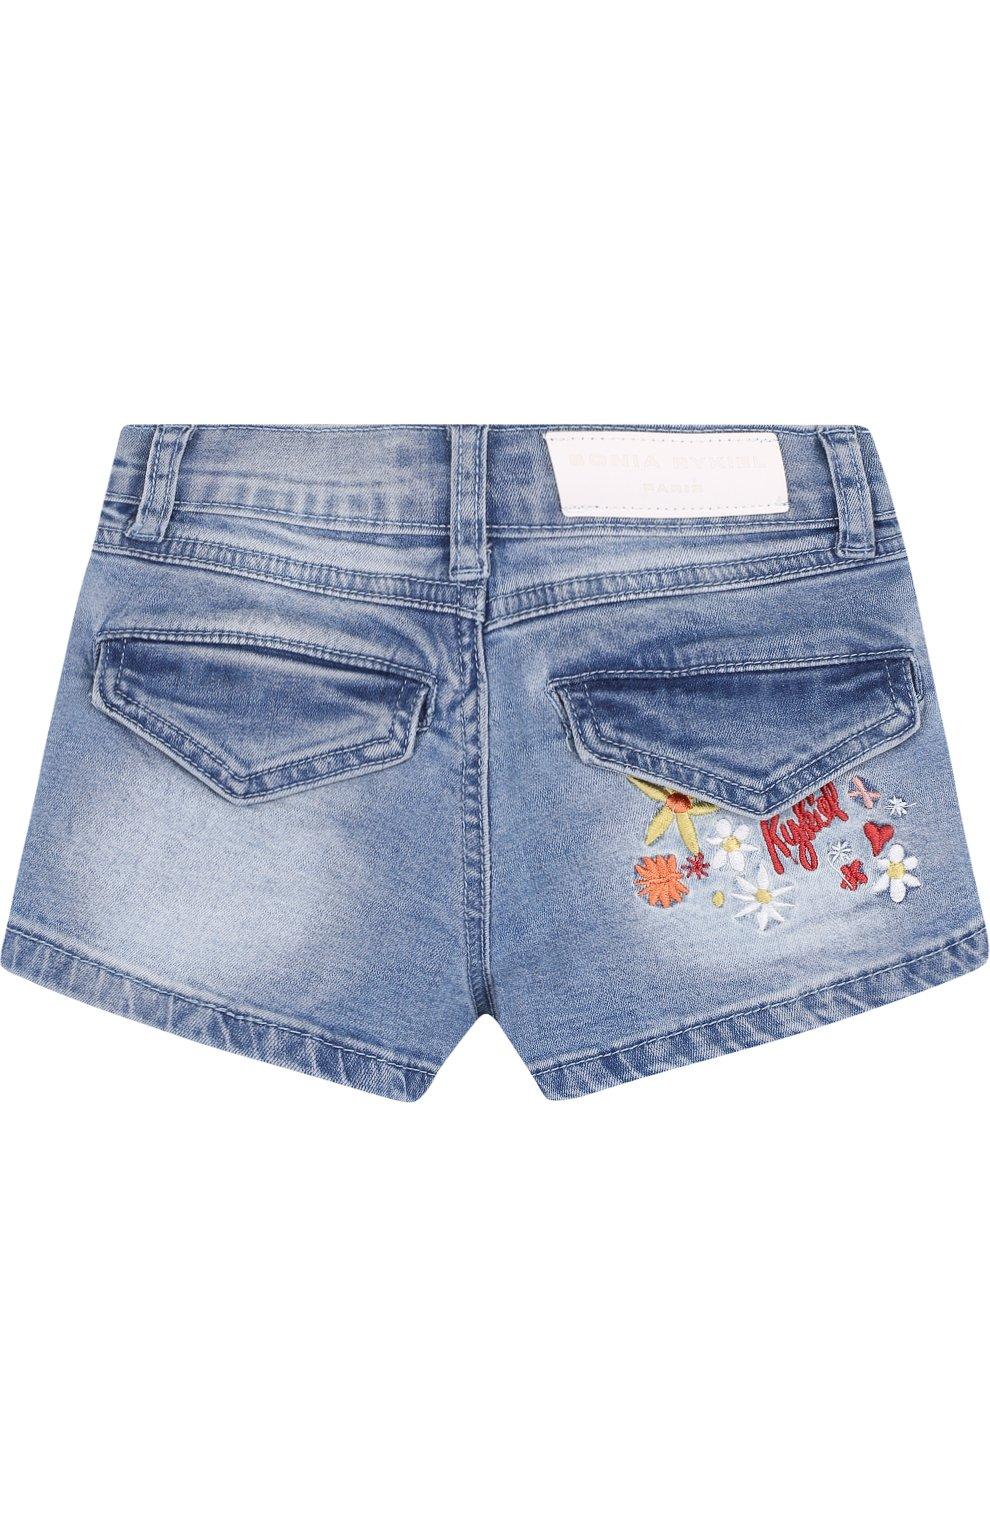 Детские джинсовые шорты с вышивкой SONIA RYKIEL ENFANT голубого цвета, арт. 18S1S003 | Фото 2